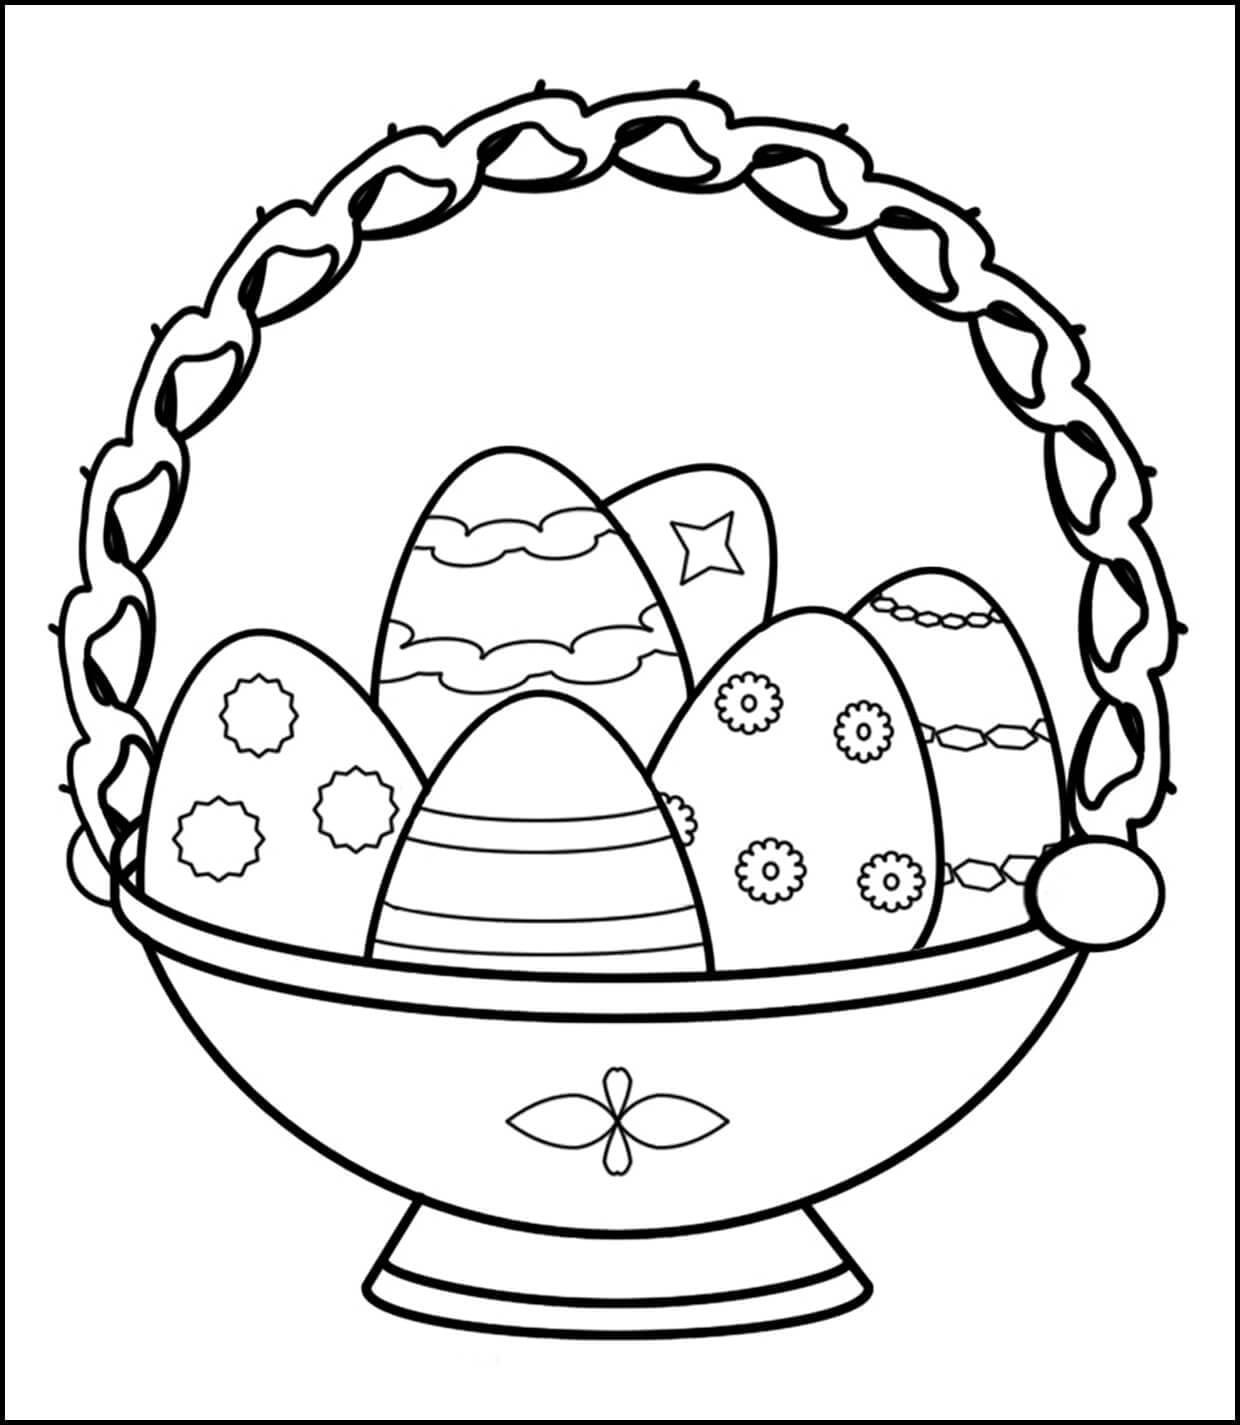 Раскраска пасхальная корзинка